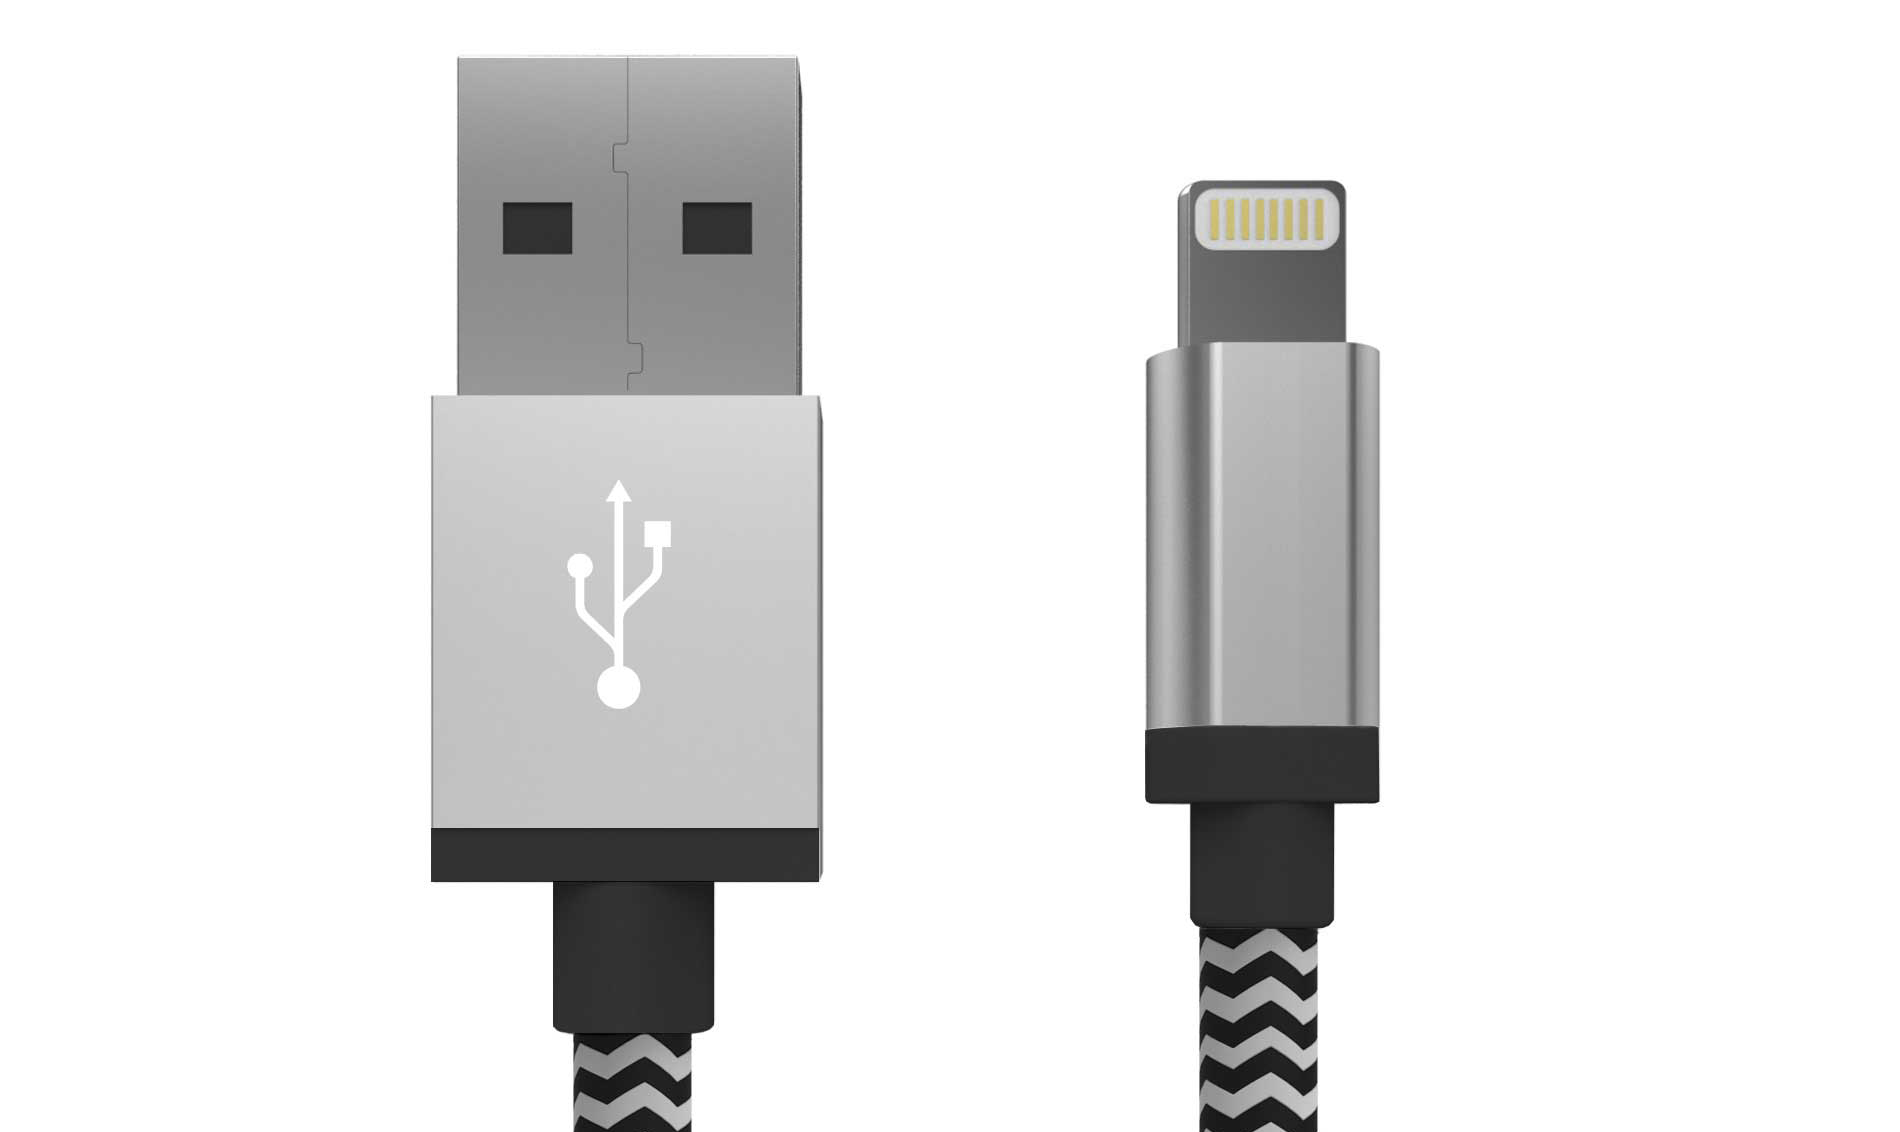 cable mfi shopsystem Le câble Lightning iPhone jugé trop fragile par les utilisateurs